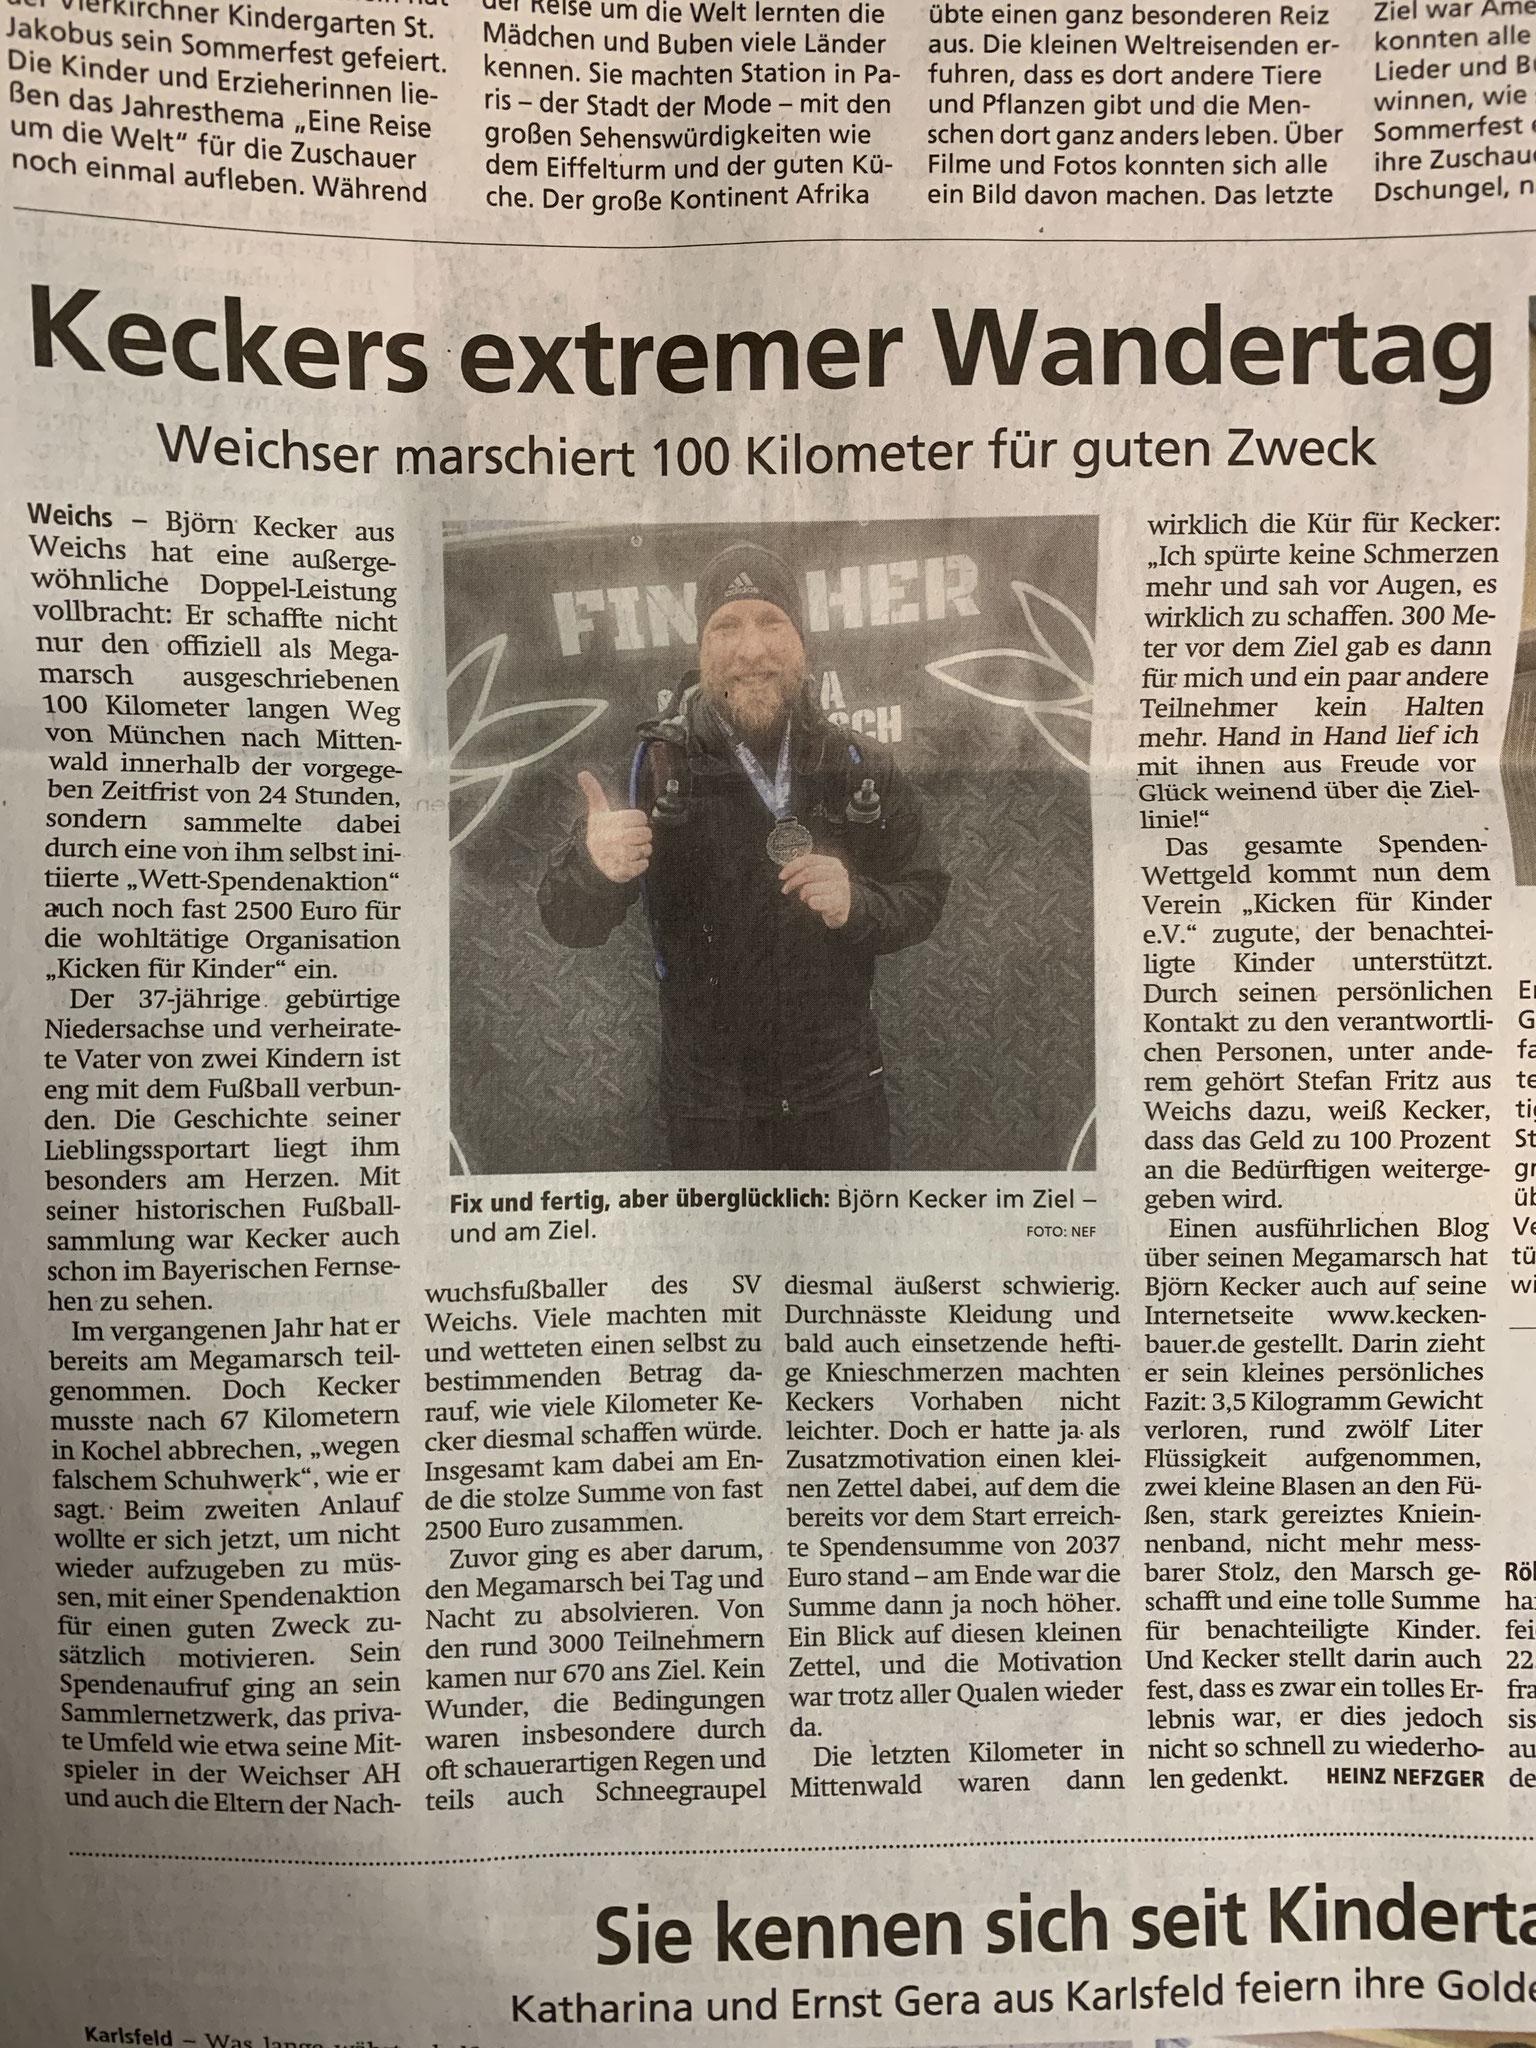 Dachauer Nachrichten / Münchener Merkur vom 13.06.2019